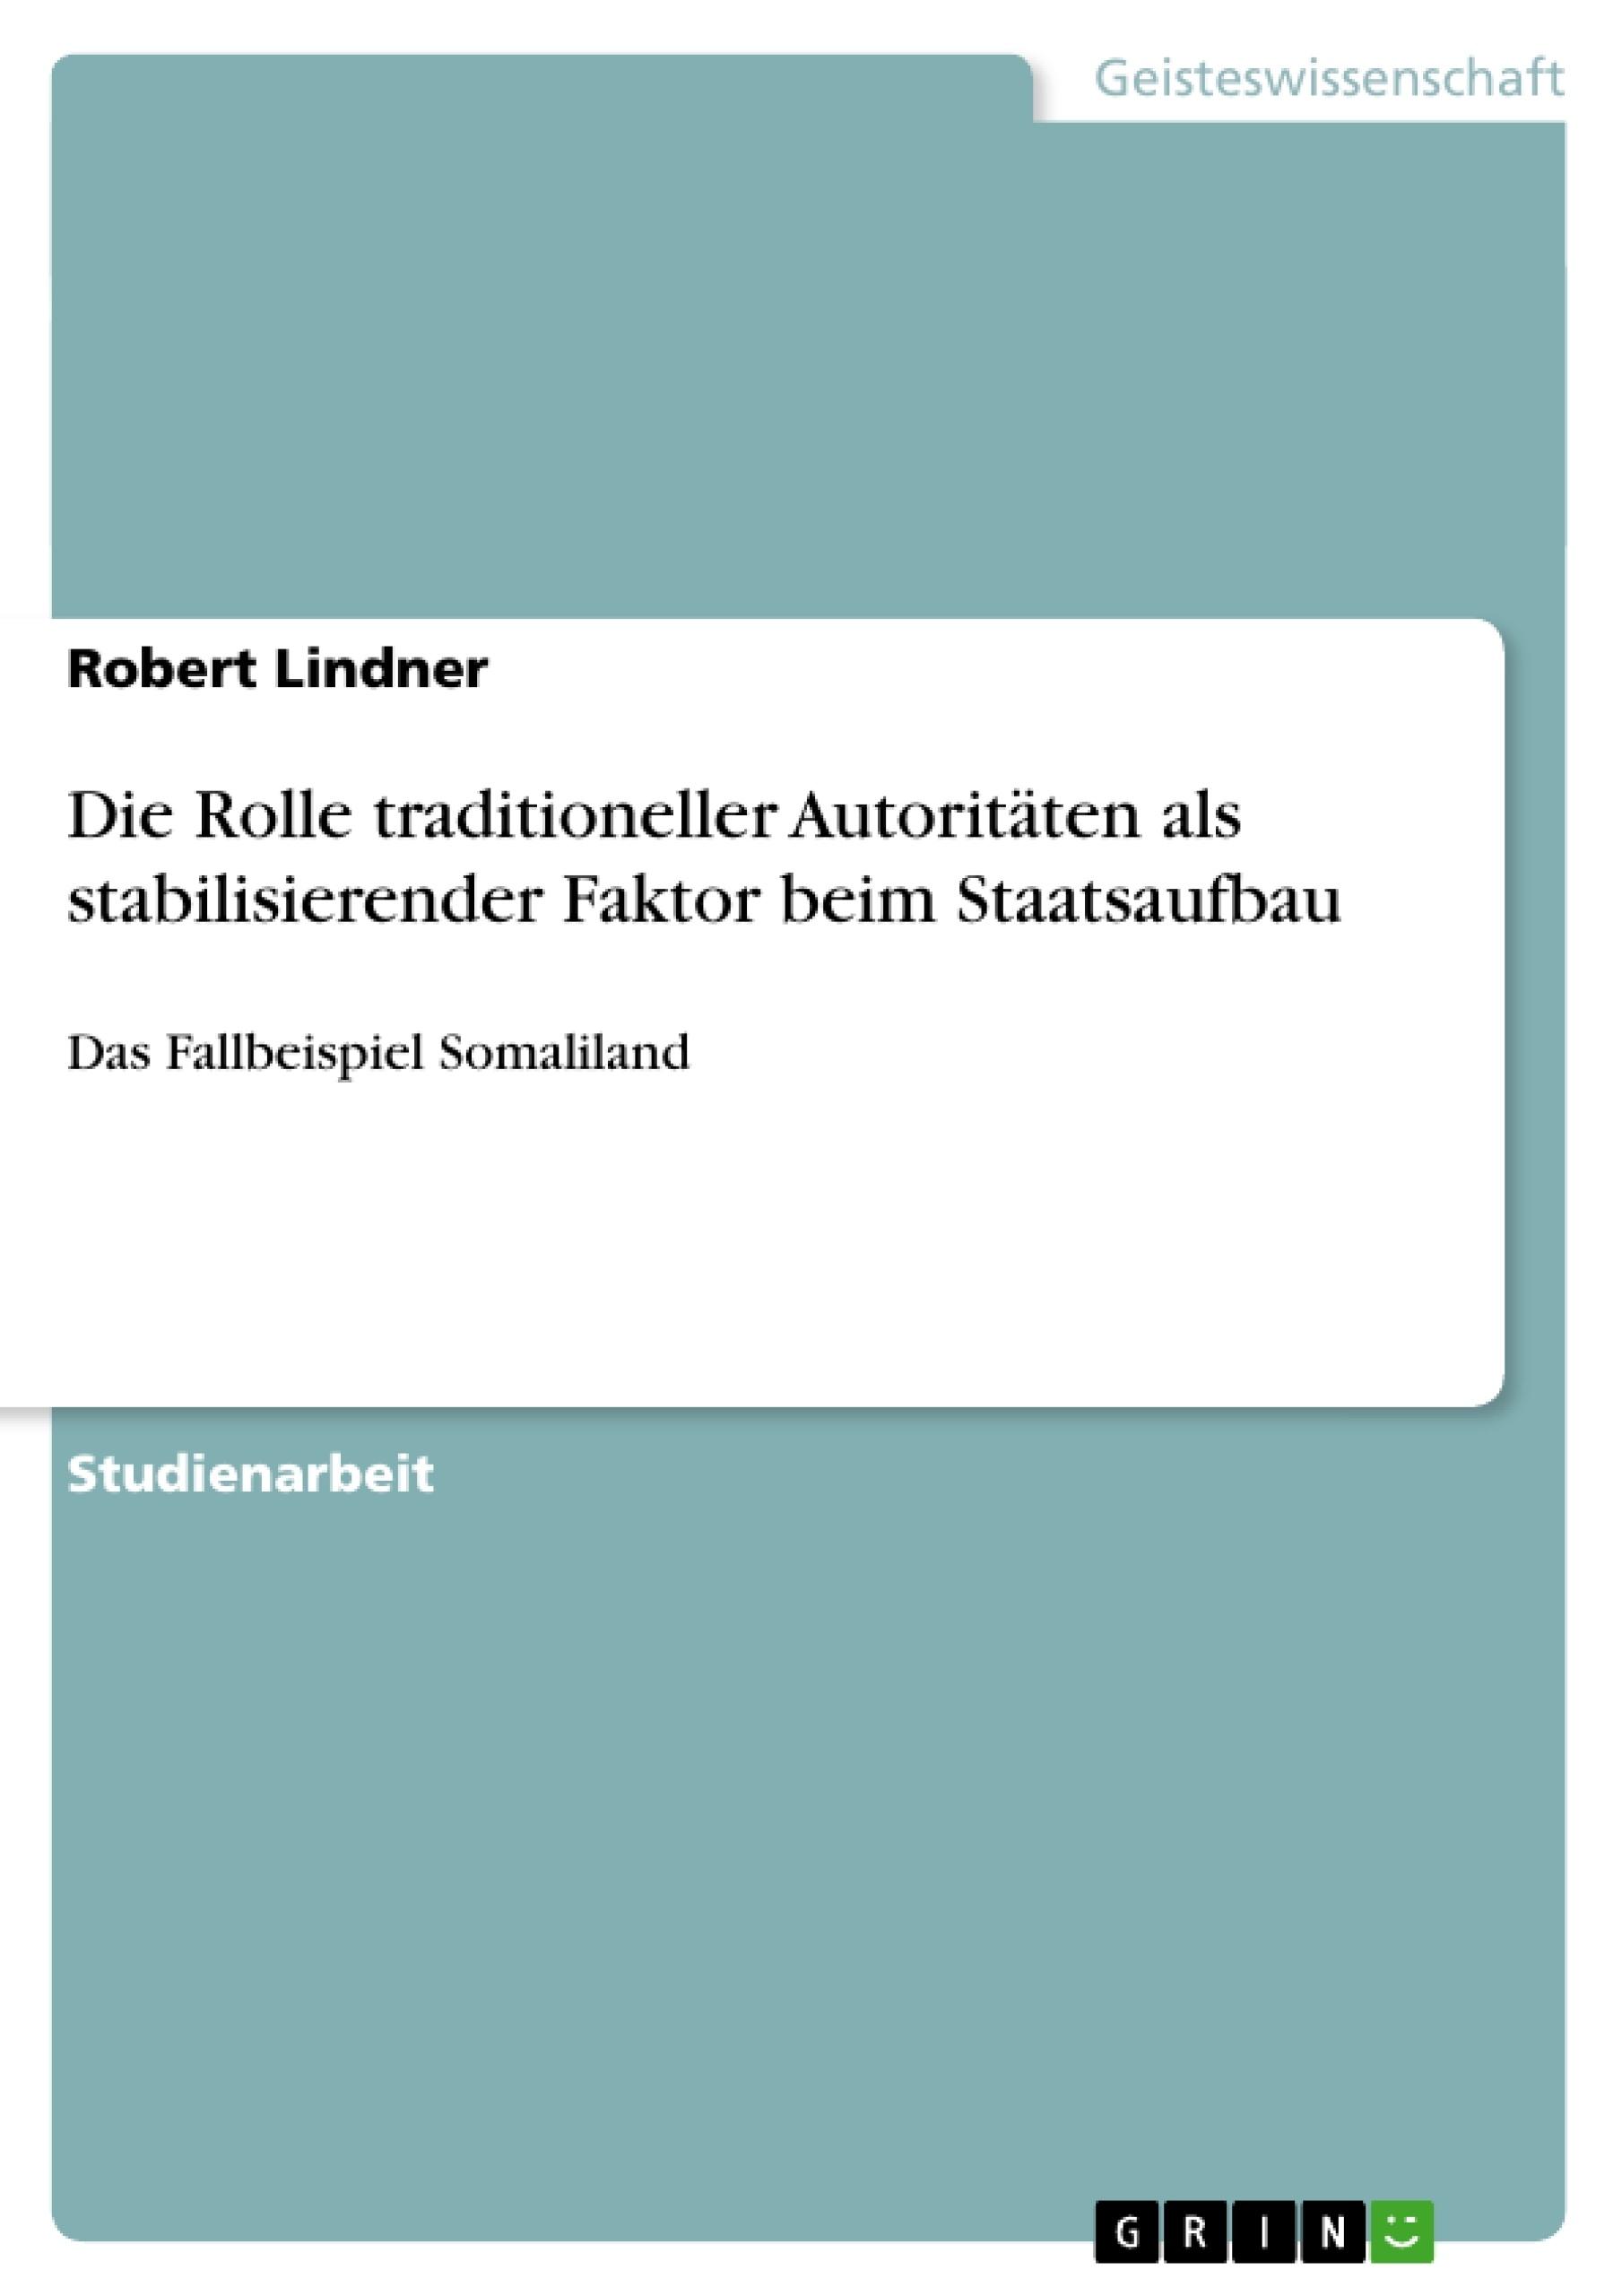 Titel: Die Rolle traditioneller Autoritäten als stabilisierender Faktor beim Staatsaufbau